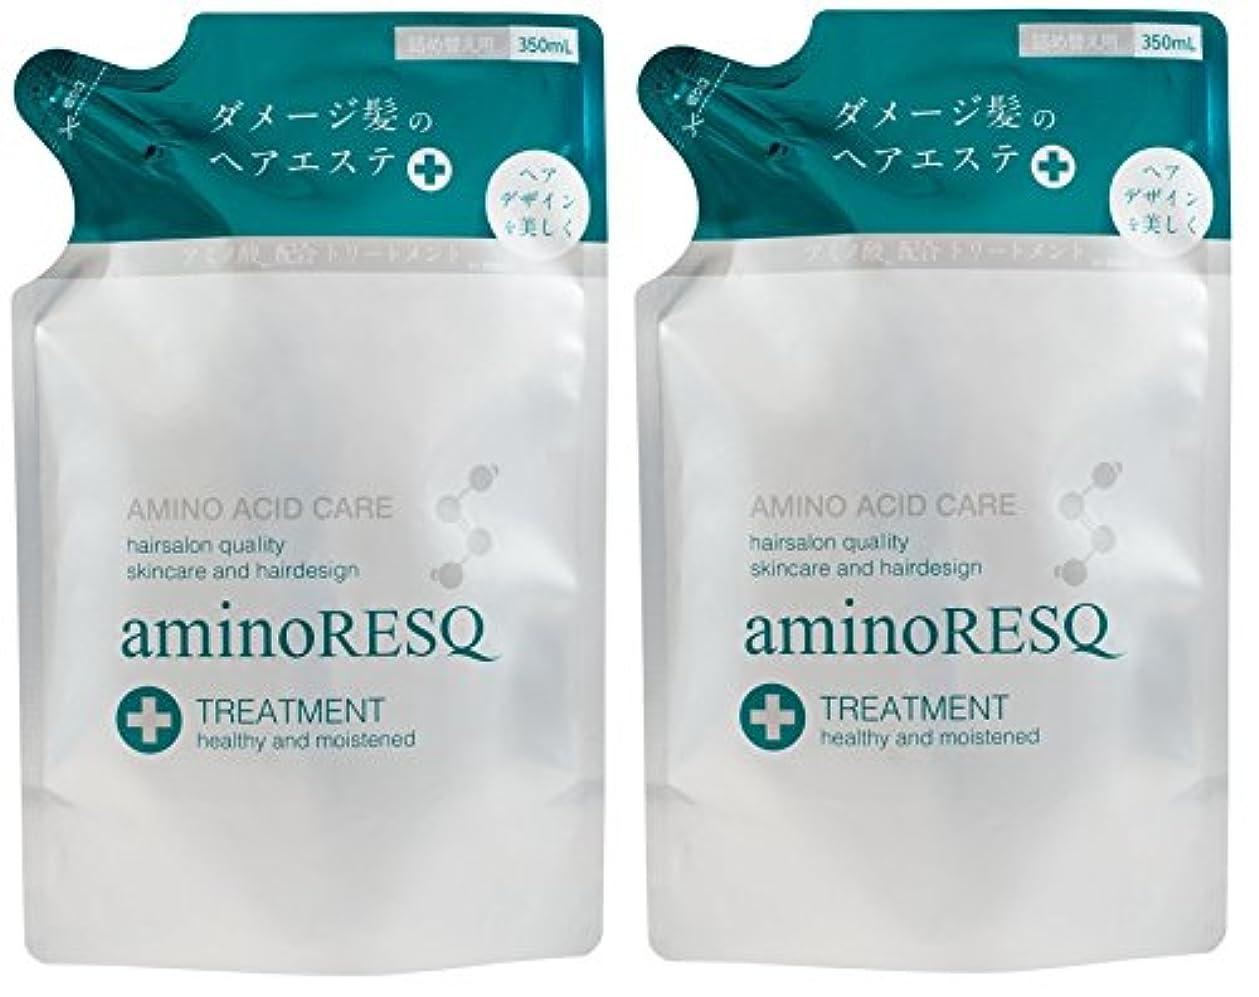 ジャム宿泊たぶん【2個セット】aminoRESQ アミノレスキュー トリートメント詰替